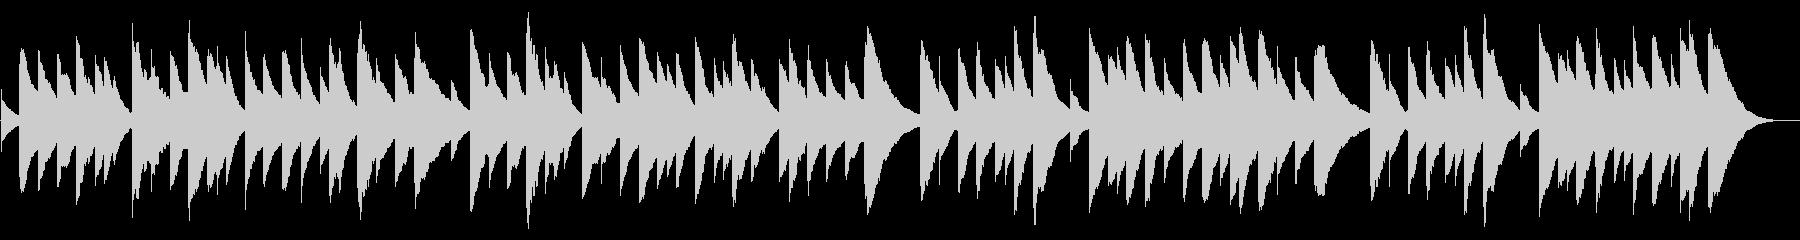 グリーンリーブス のオルゴールアレンジの未再生の波形